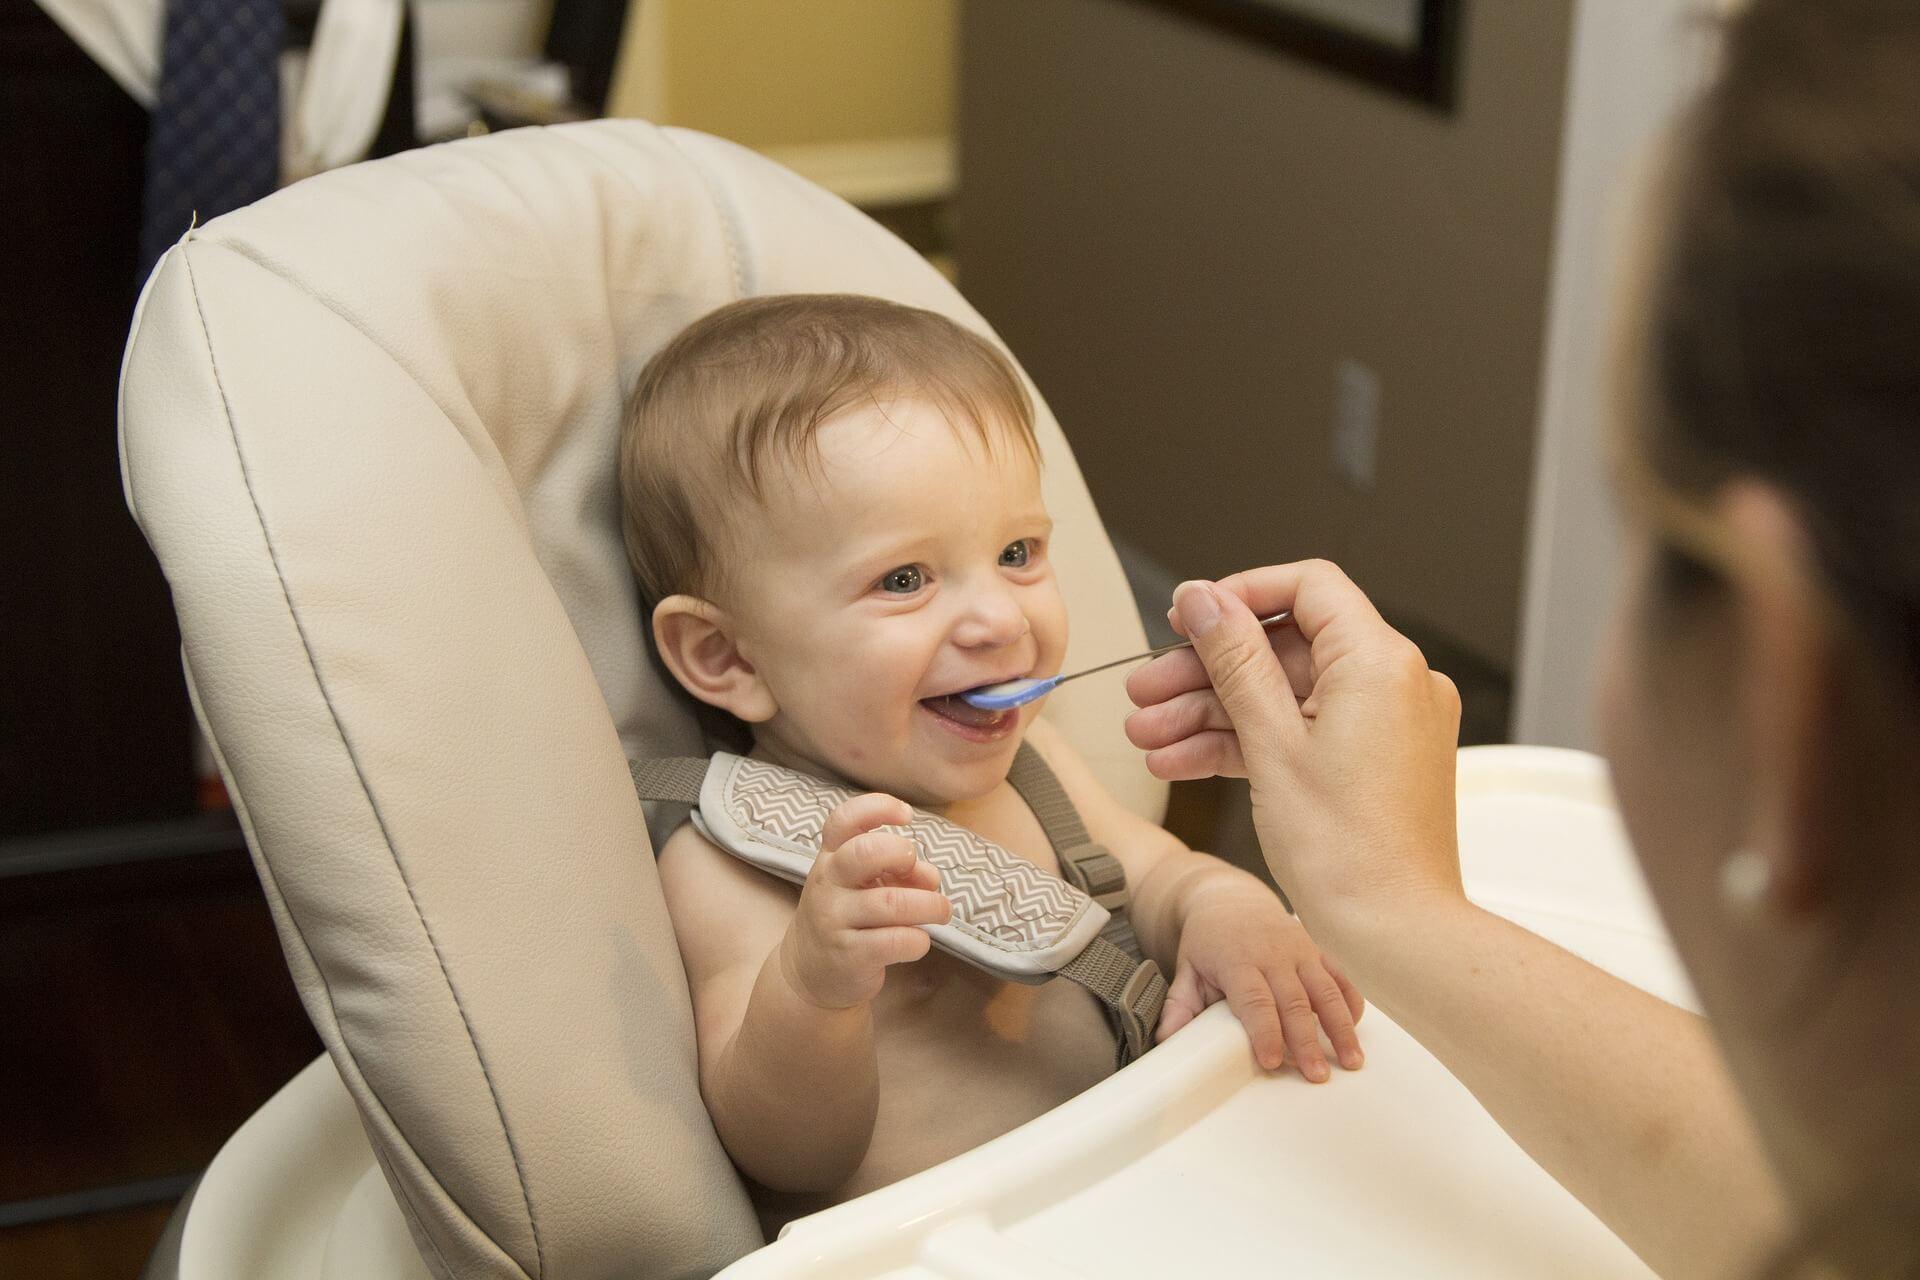 Parhaat ruoat lapselle – näin koostat terveellisen ruokavalion